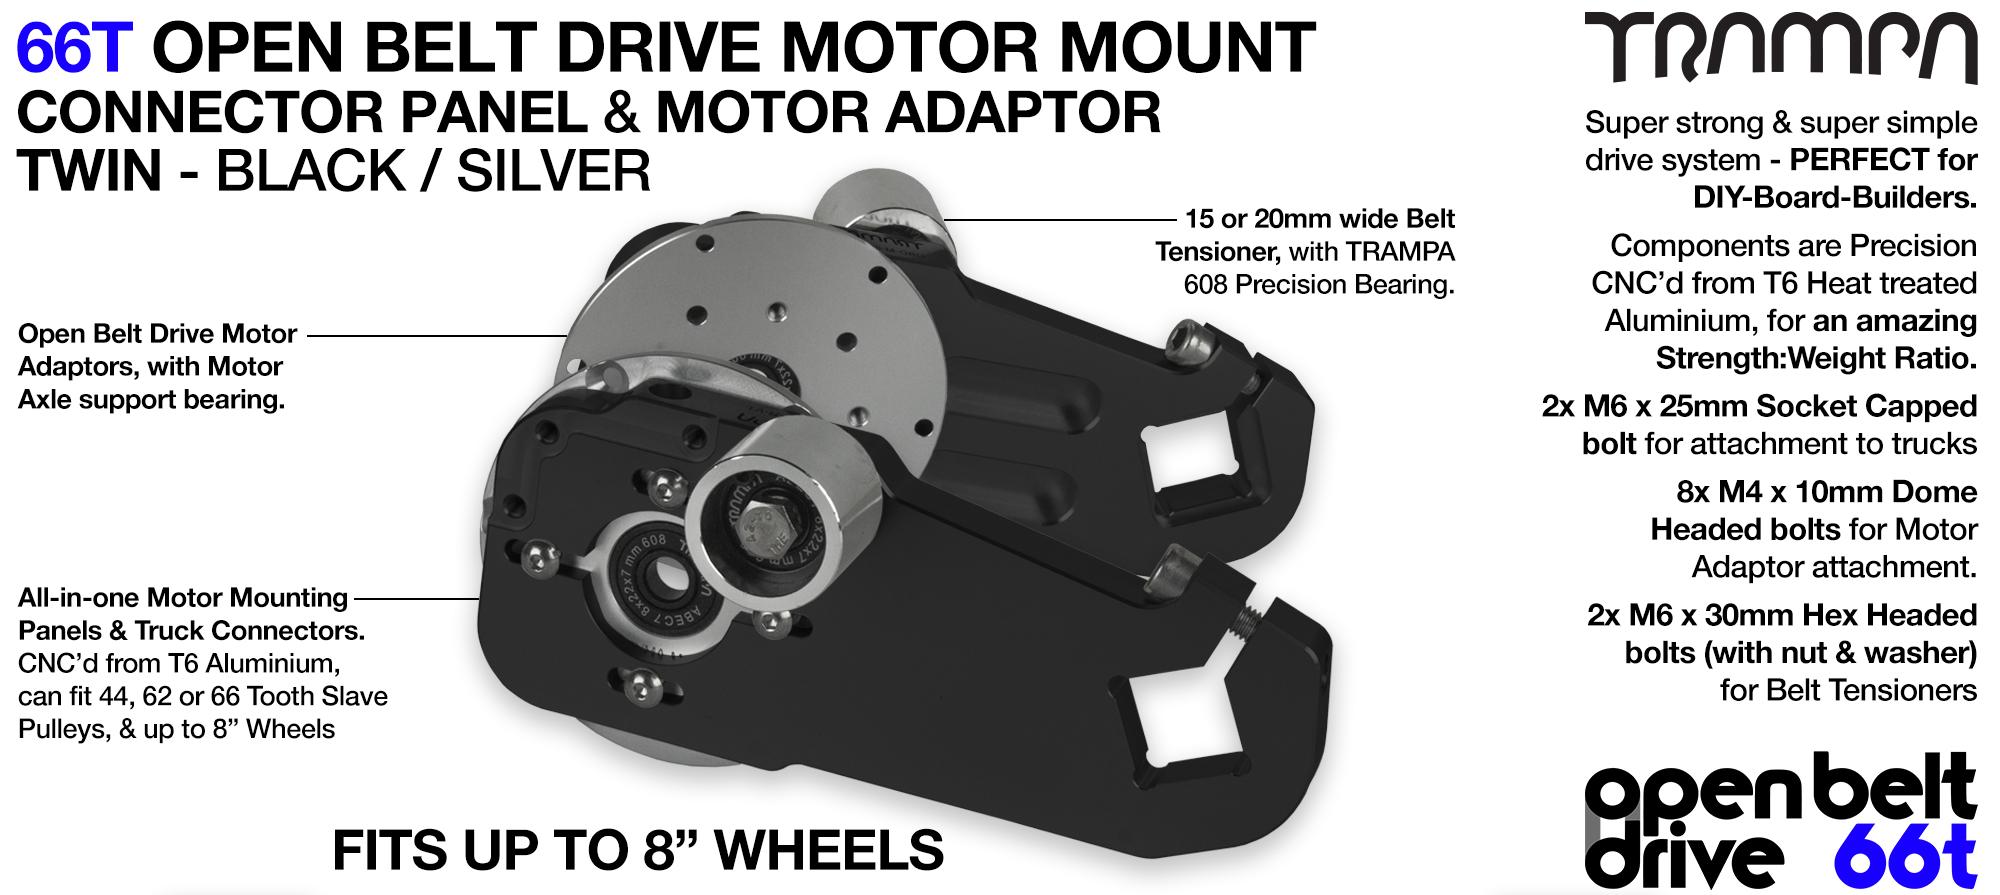 66T OPEN BELT DRIVE Motor Mount & Motor Adaptor - TWIN BLACK